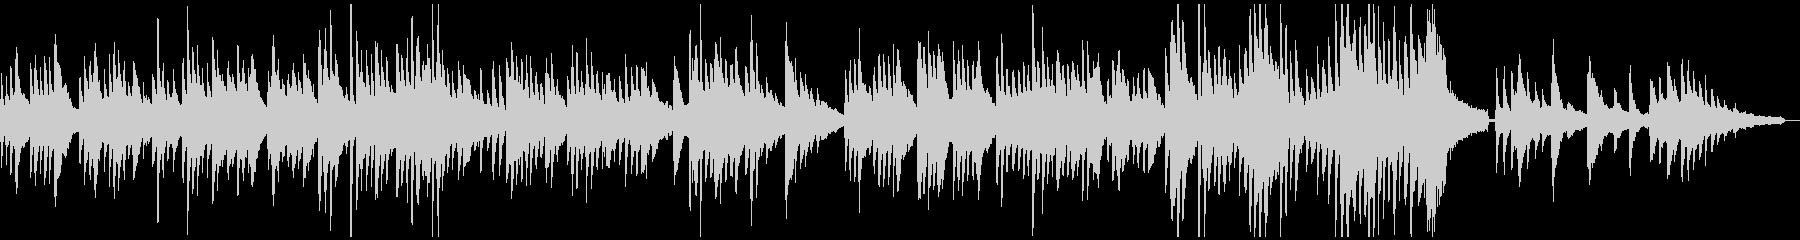 ダニーボーイ ピアノソロの未再生の波形